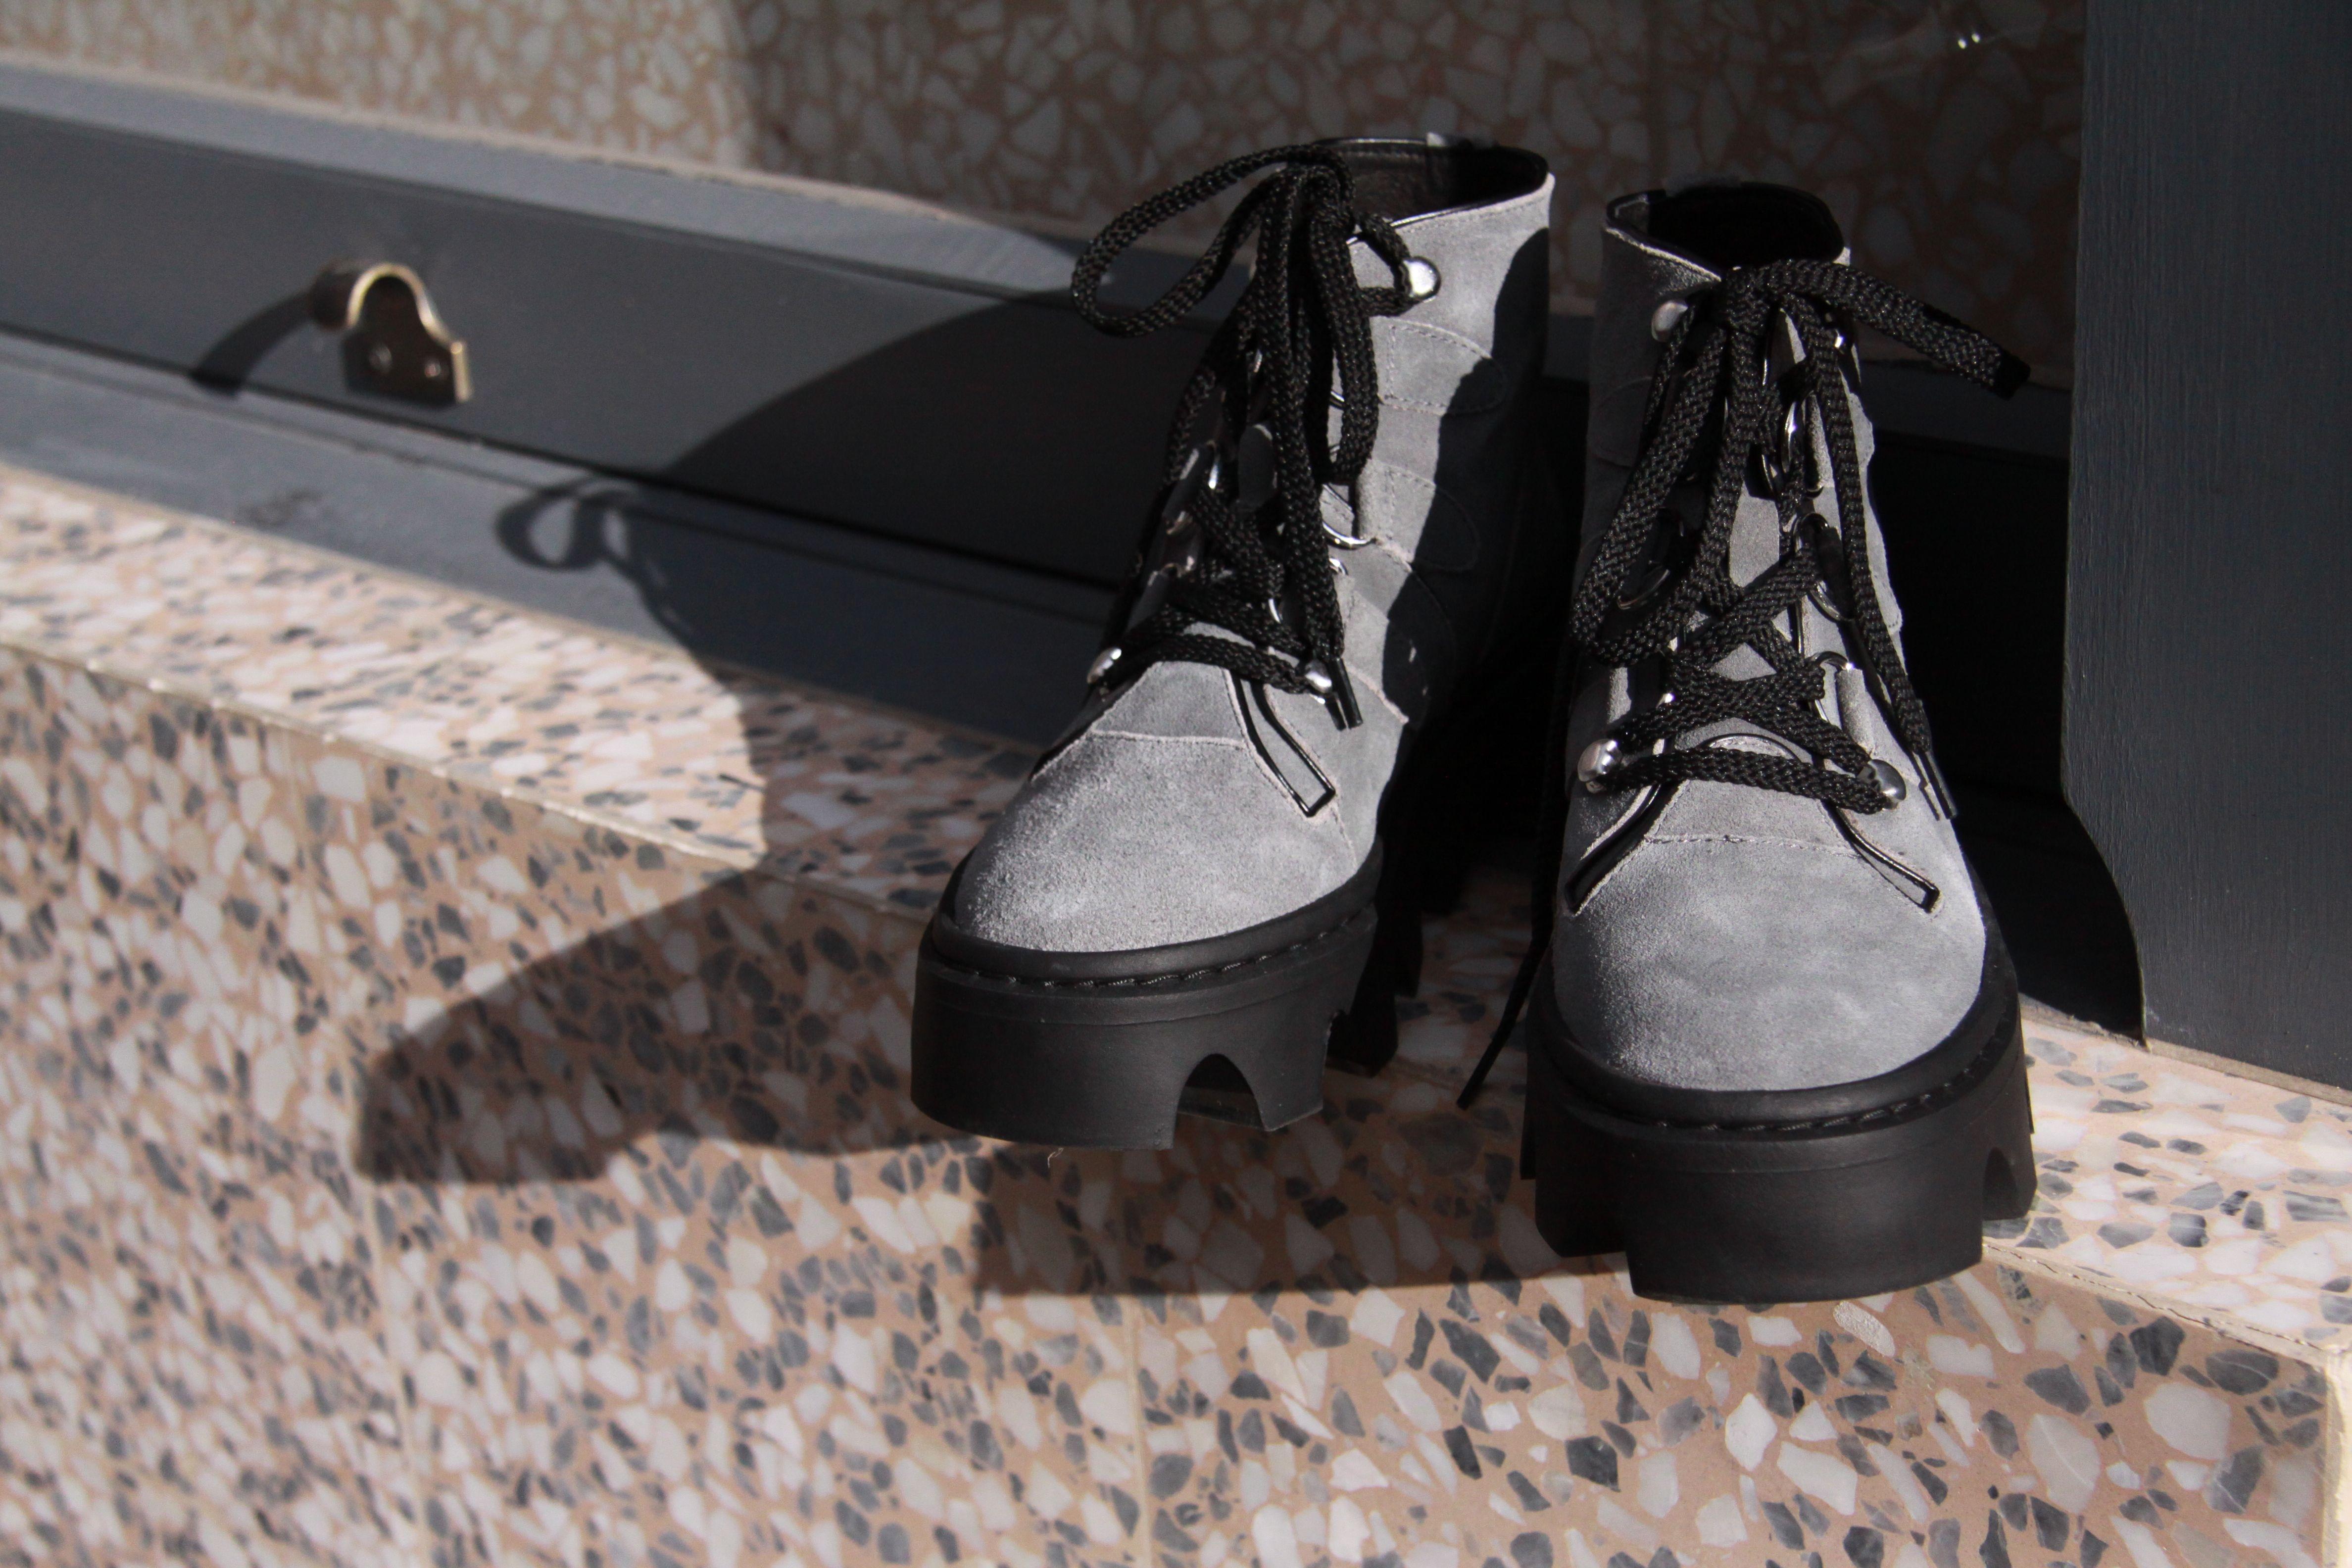 8c8c2492f4164 Evolution jungle boot – white leather